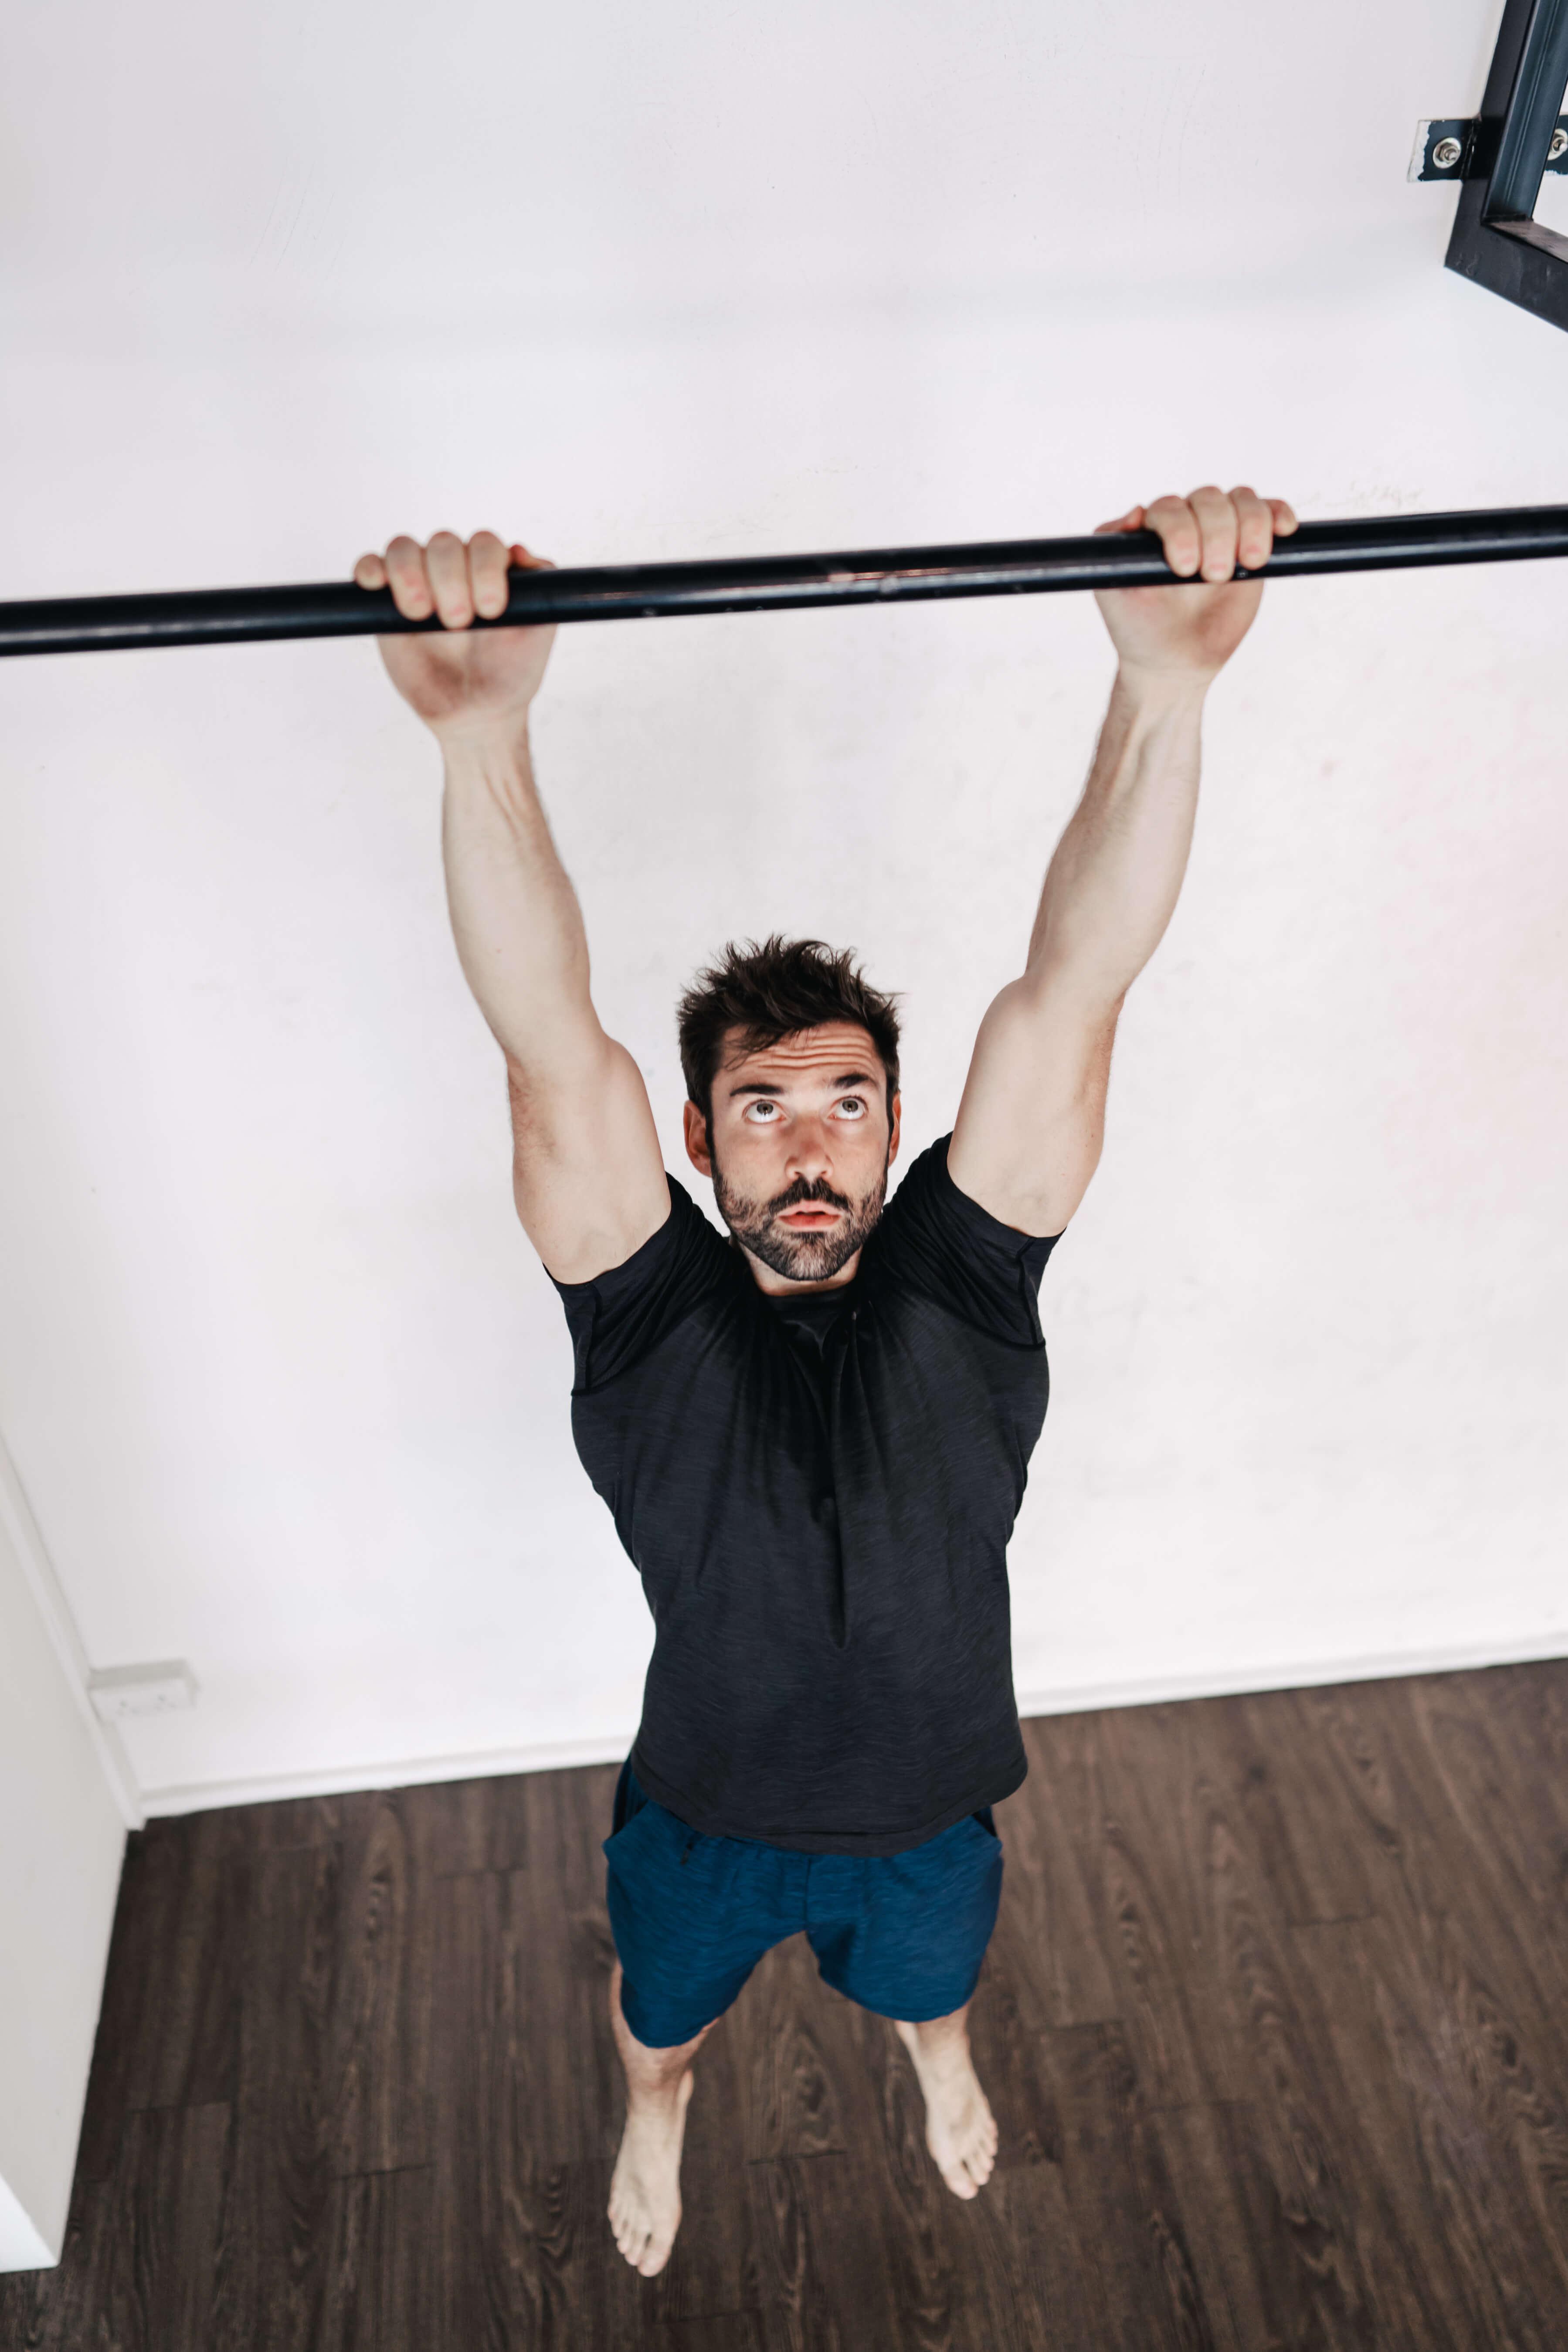 pull ups for upper back strength